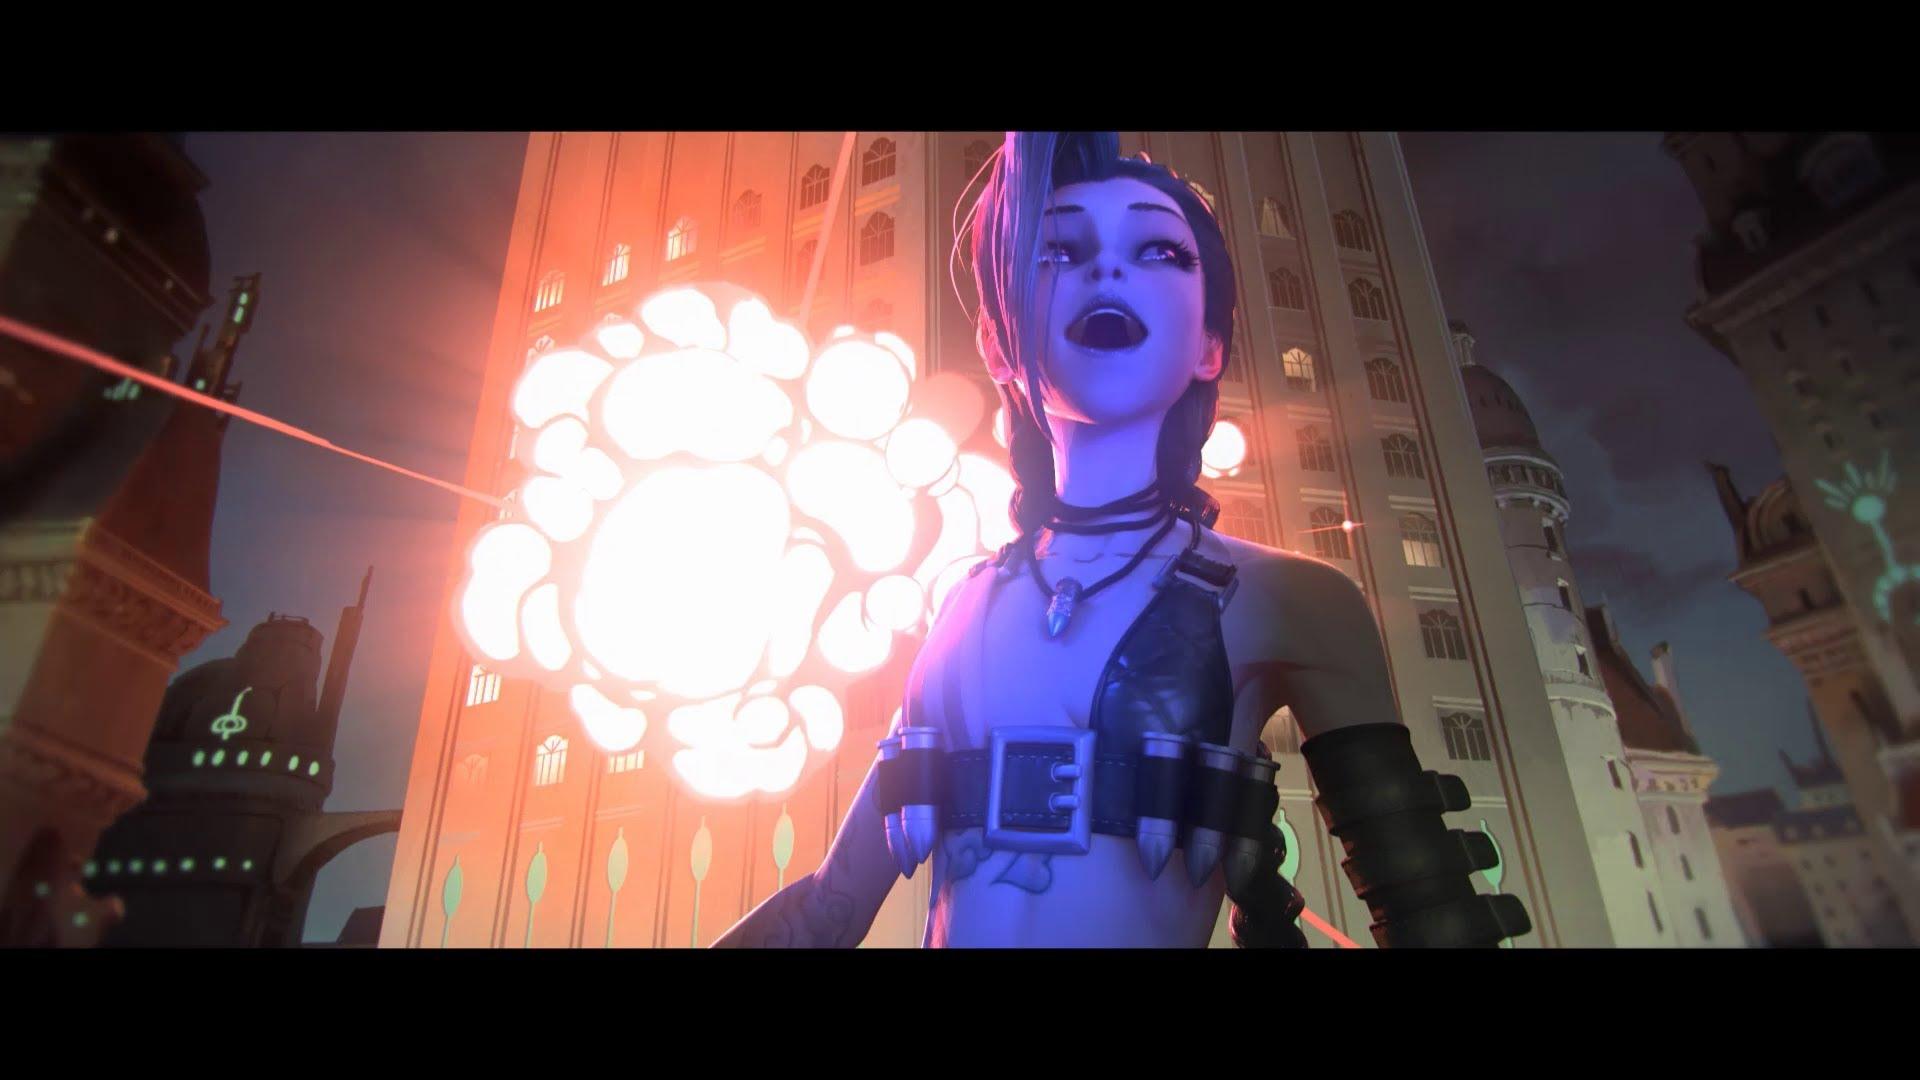 Wallpaper Geek Girl League Of Legends Music Video Get Jinxed Spinning